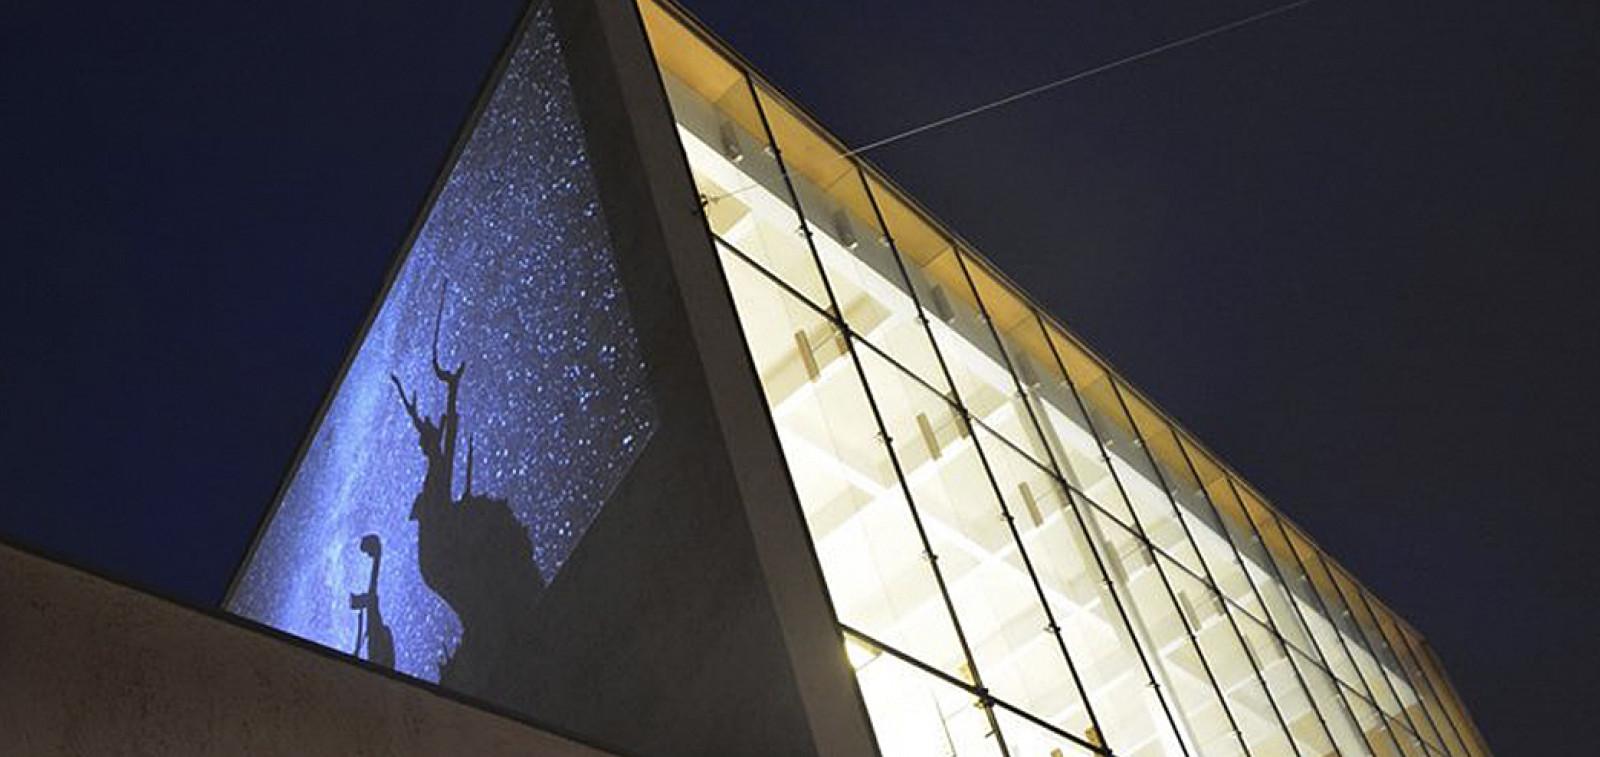 Turun pääkirjasto iltavalaistuksessa